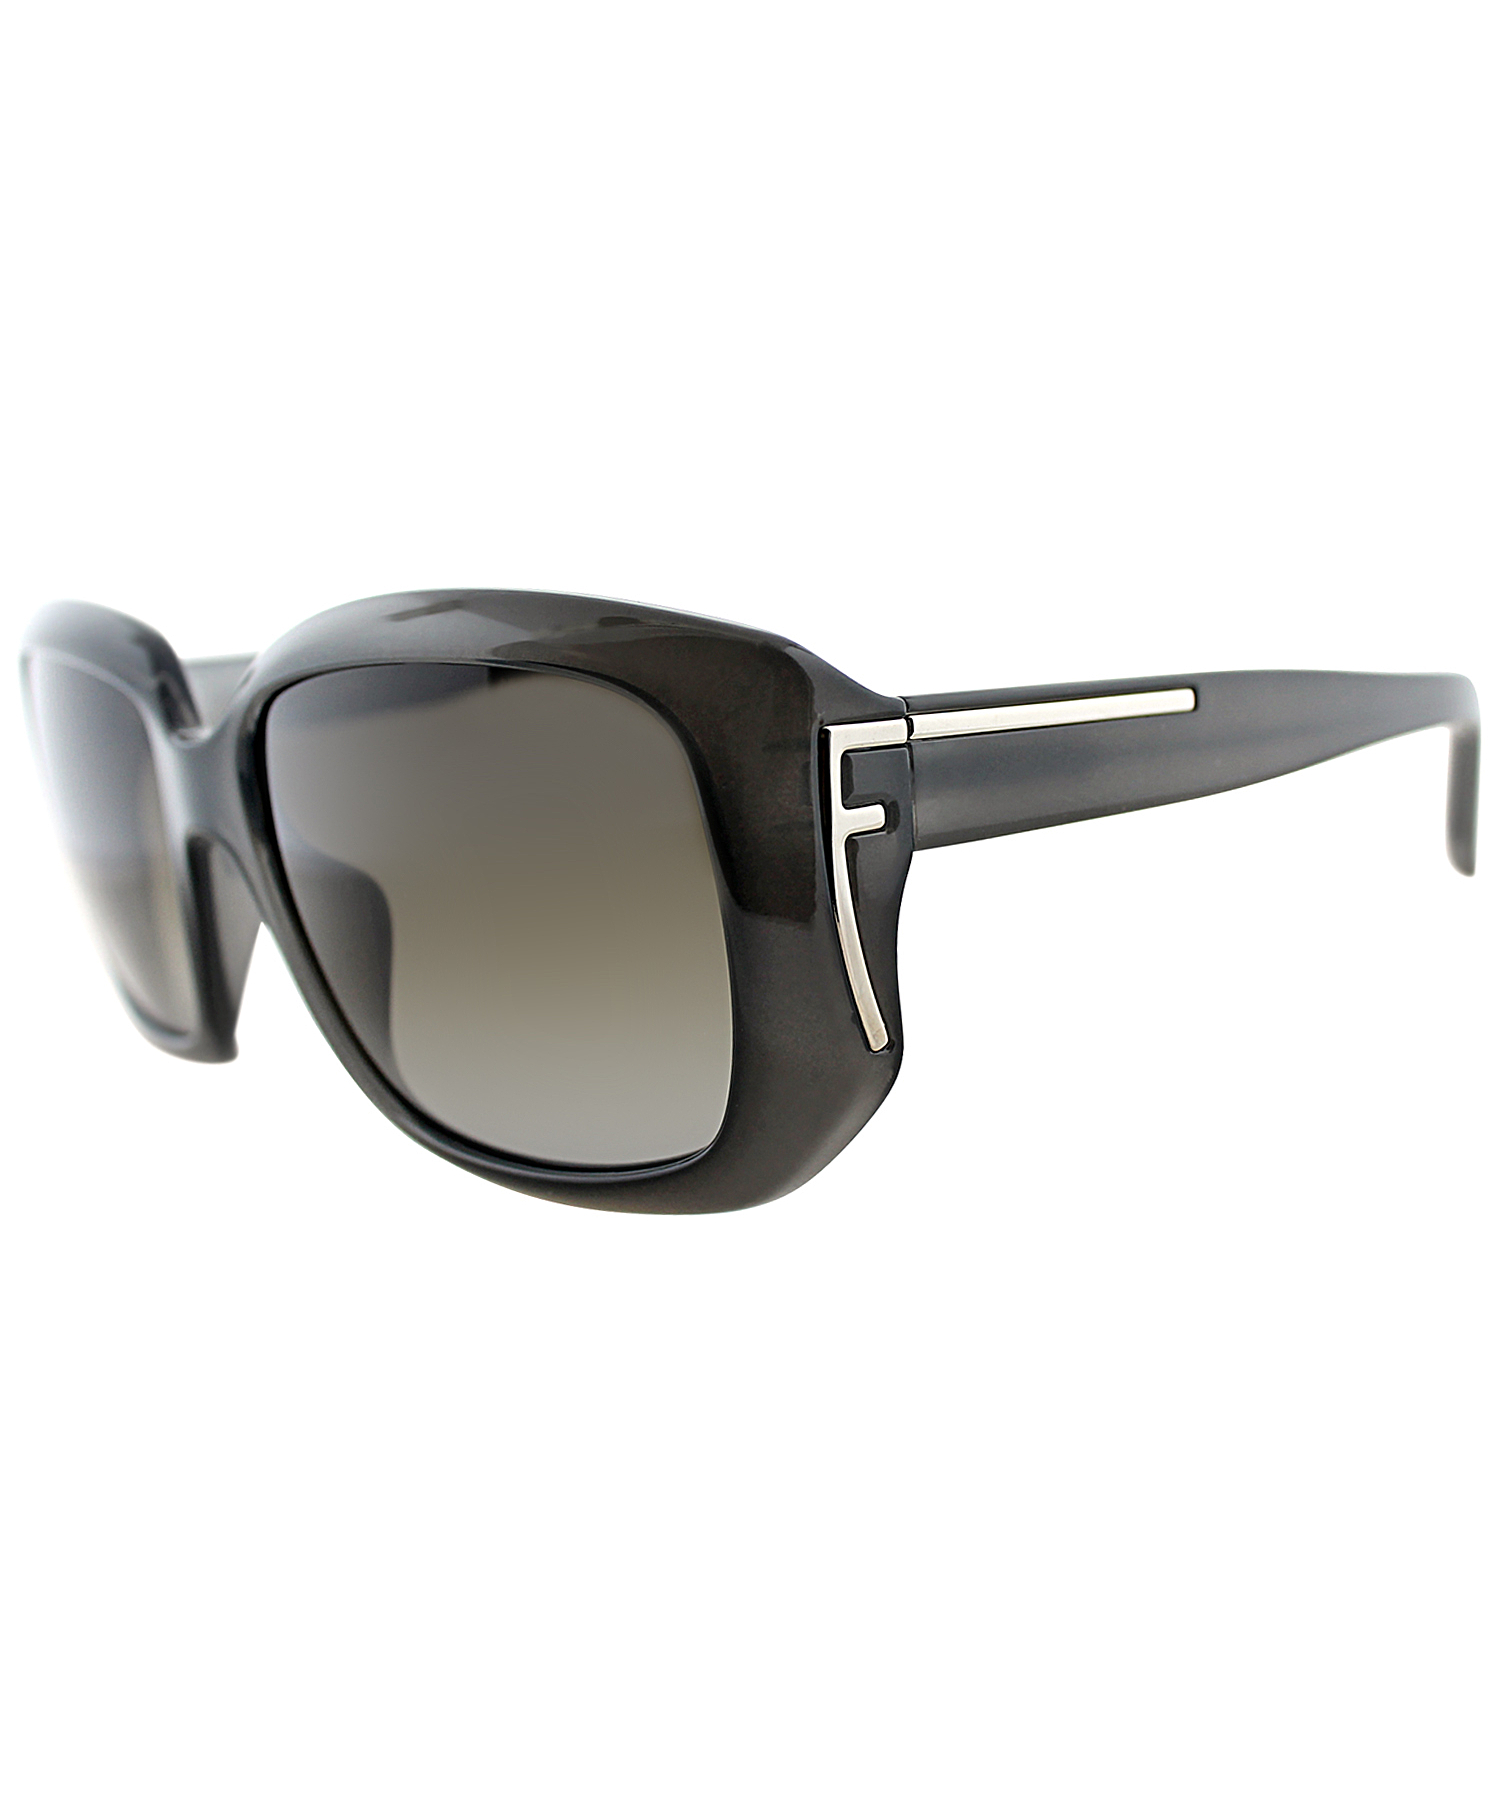 29e2d0b714 Fendi Fashion Plastic Sunglasses in Multicolor (grey) - Save 72%